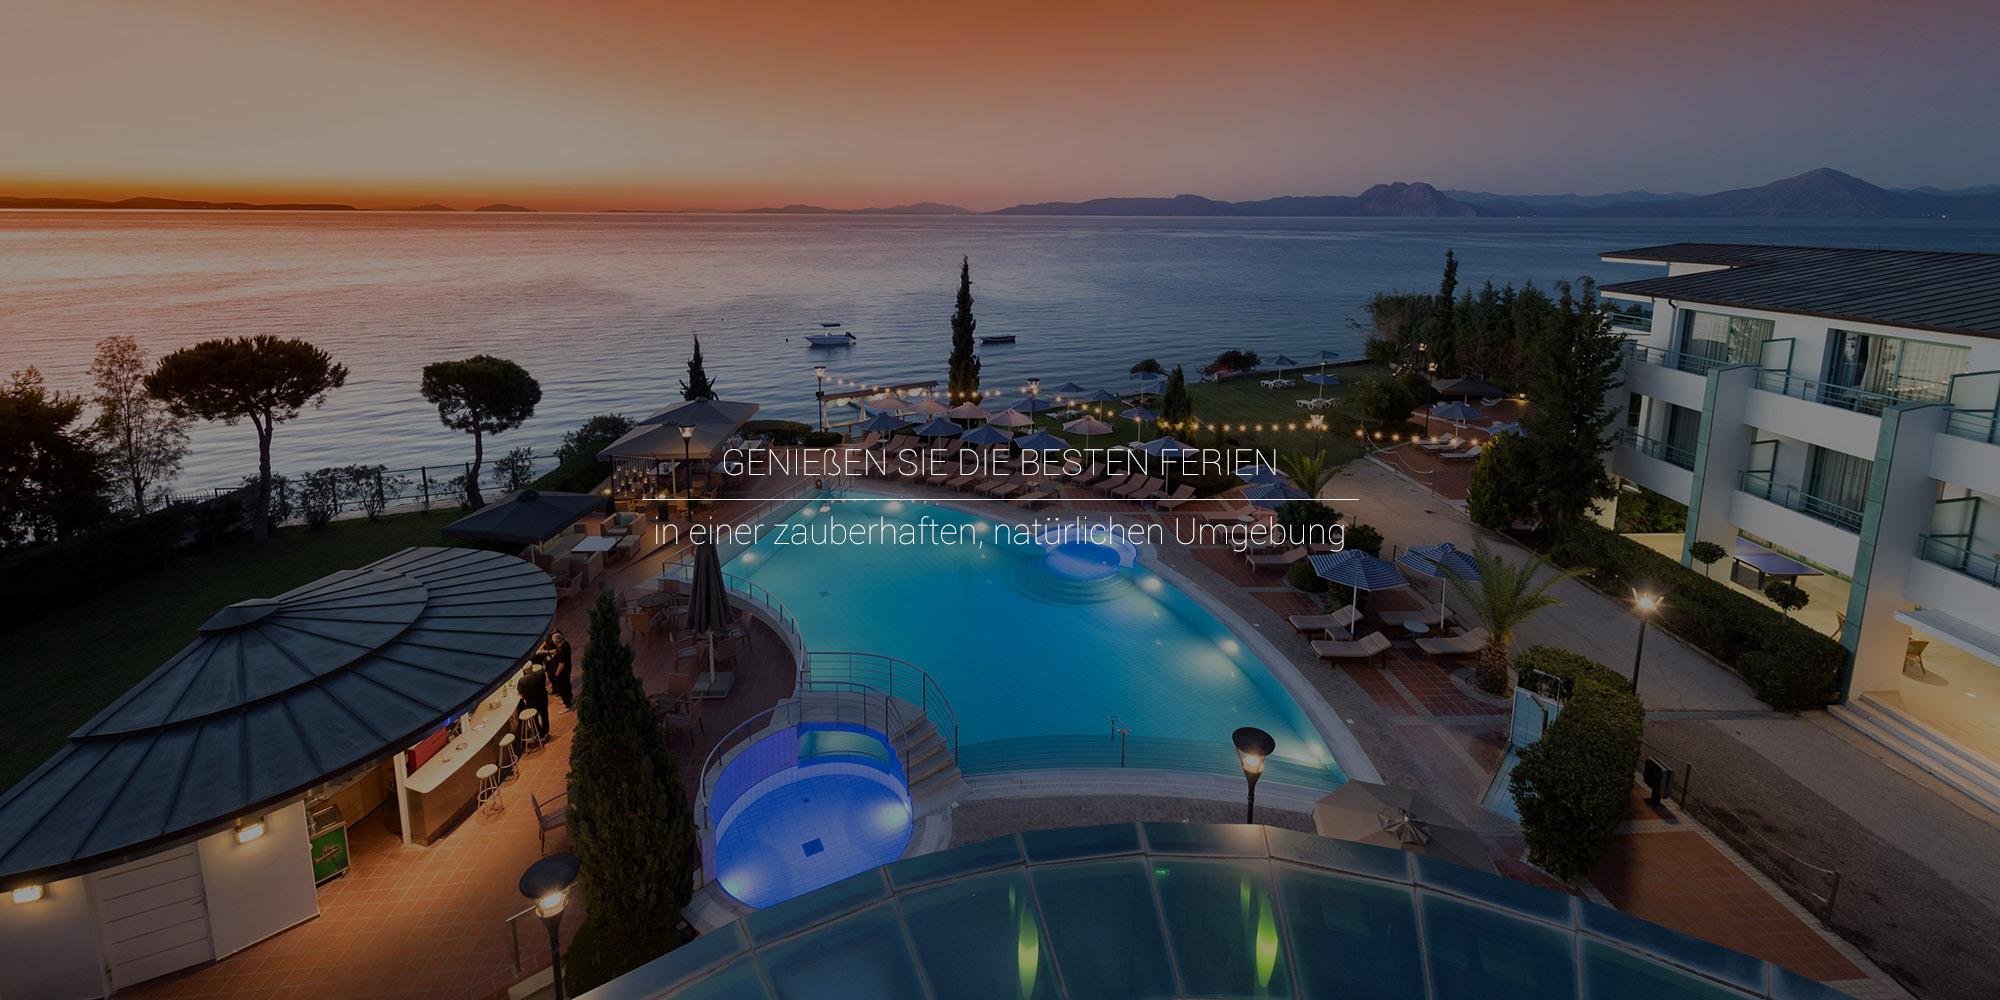 poseidon hotels poseidon palace